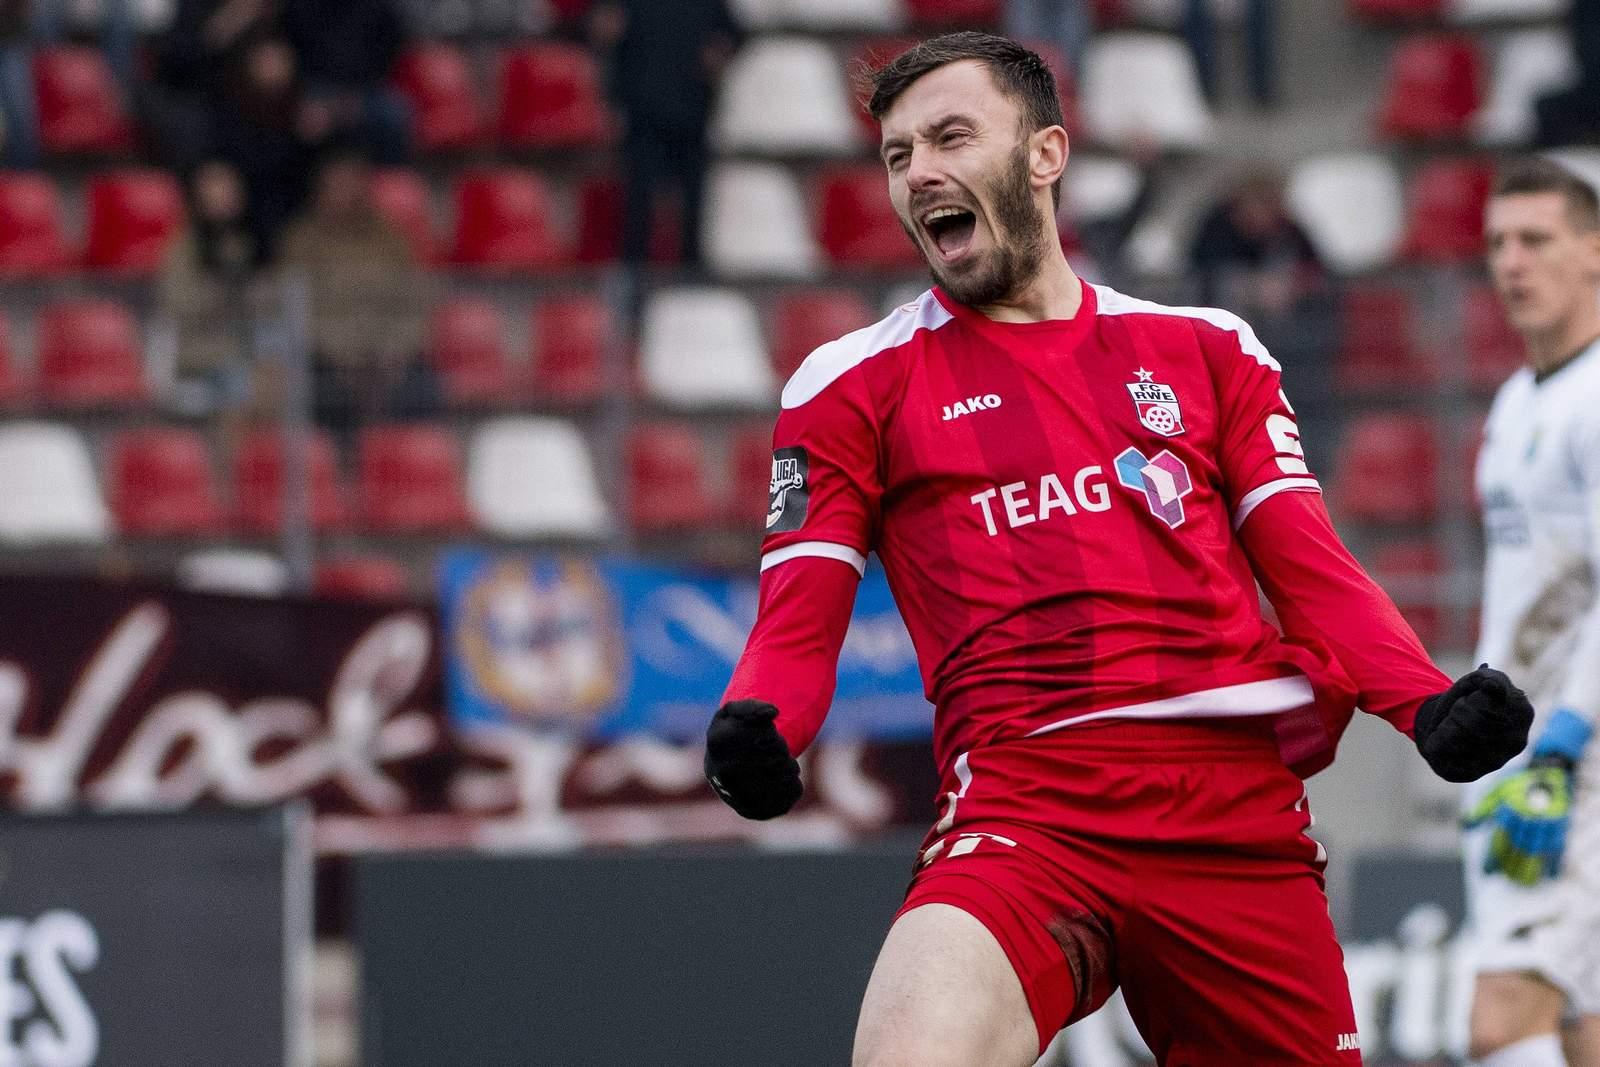 Carsten Kammlott erzielte in dieser Saison bereits 10 Treffer für RW Erfurt.